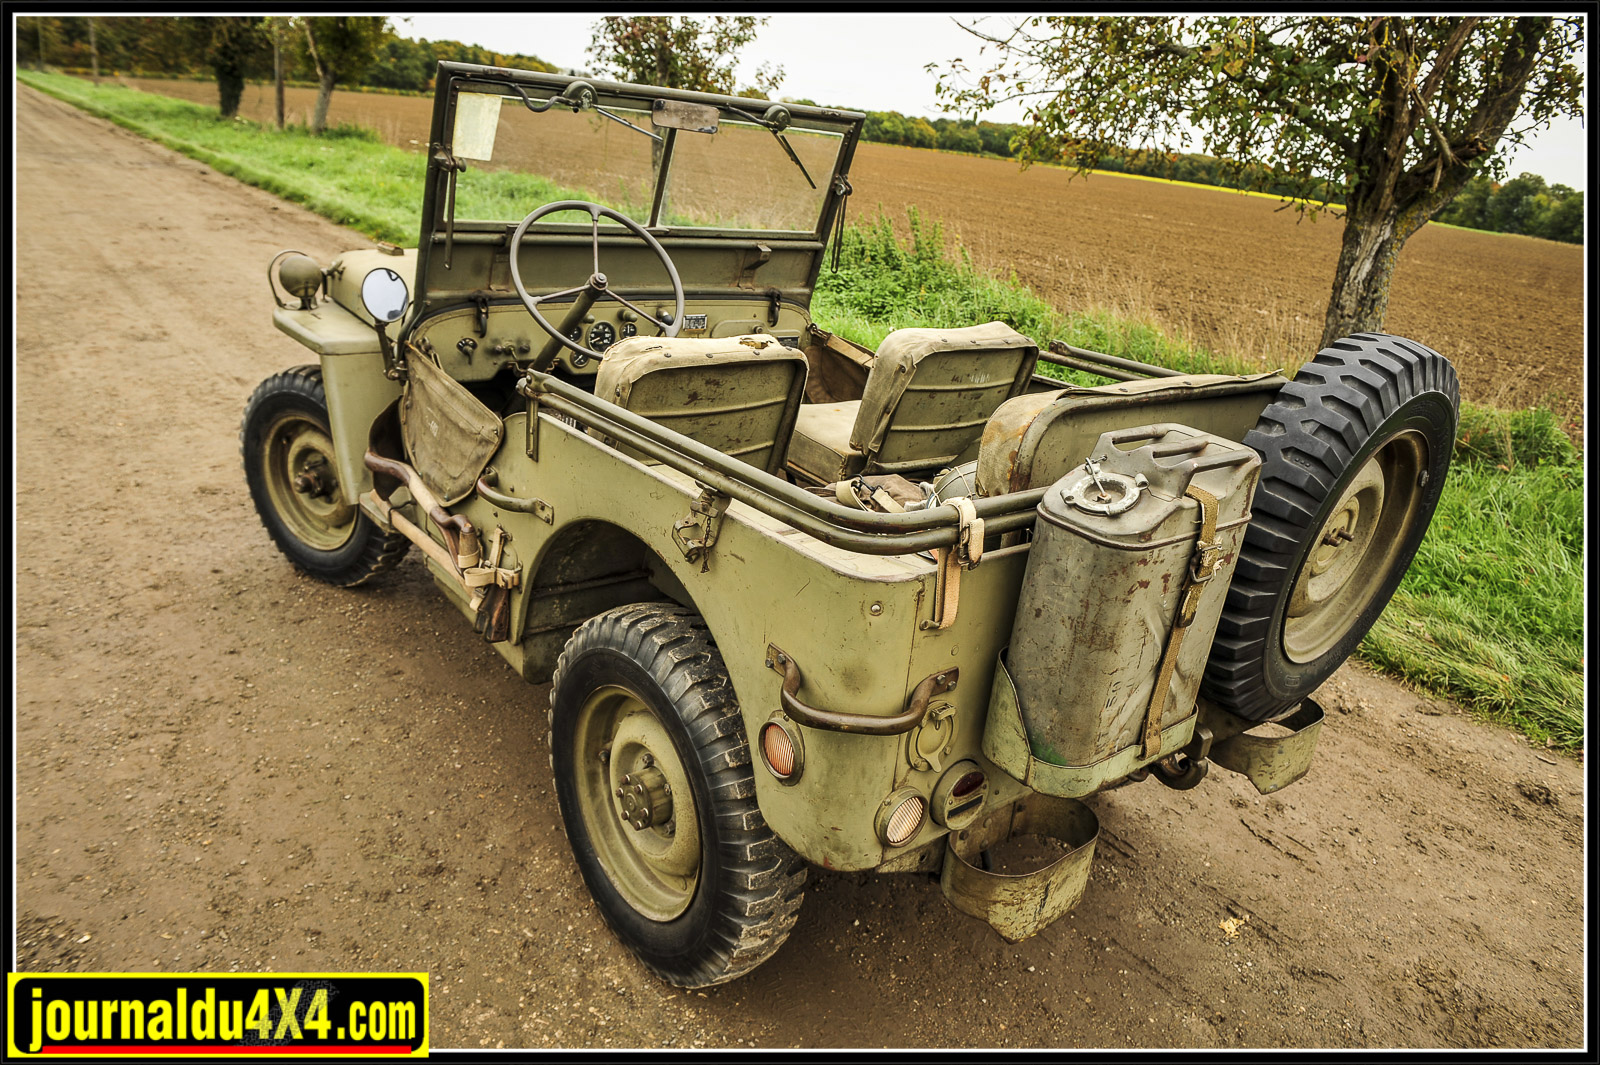 Jeep GPW FORDLes pneus ne sont plus d'origine mais conservent le bon profil, sur les jantes de combat on informe toujours qu'il faut dégonfler les pneus avant de démonter les jantes